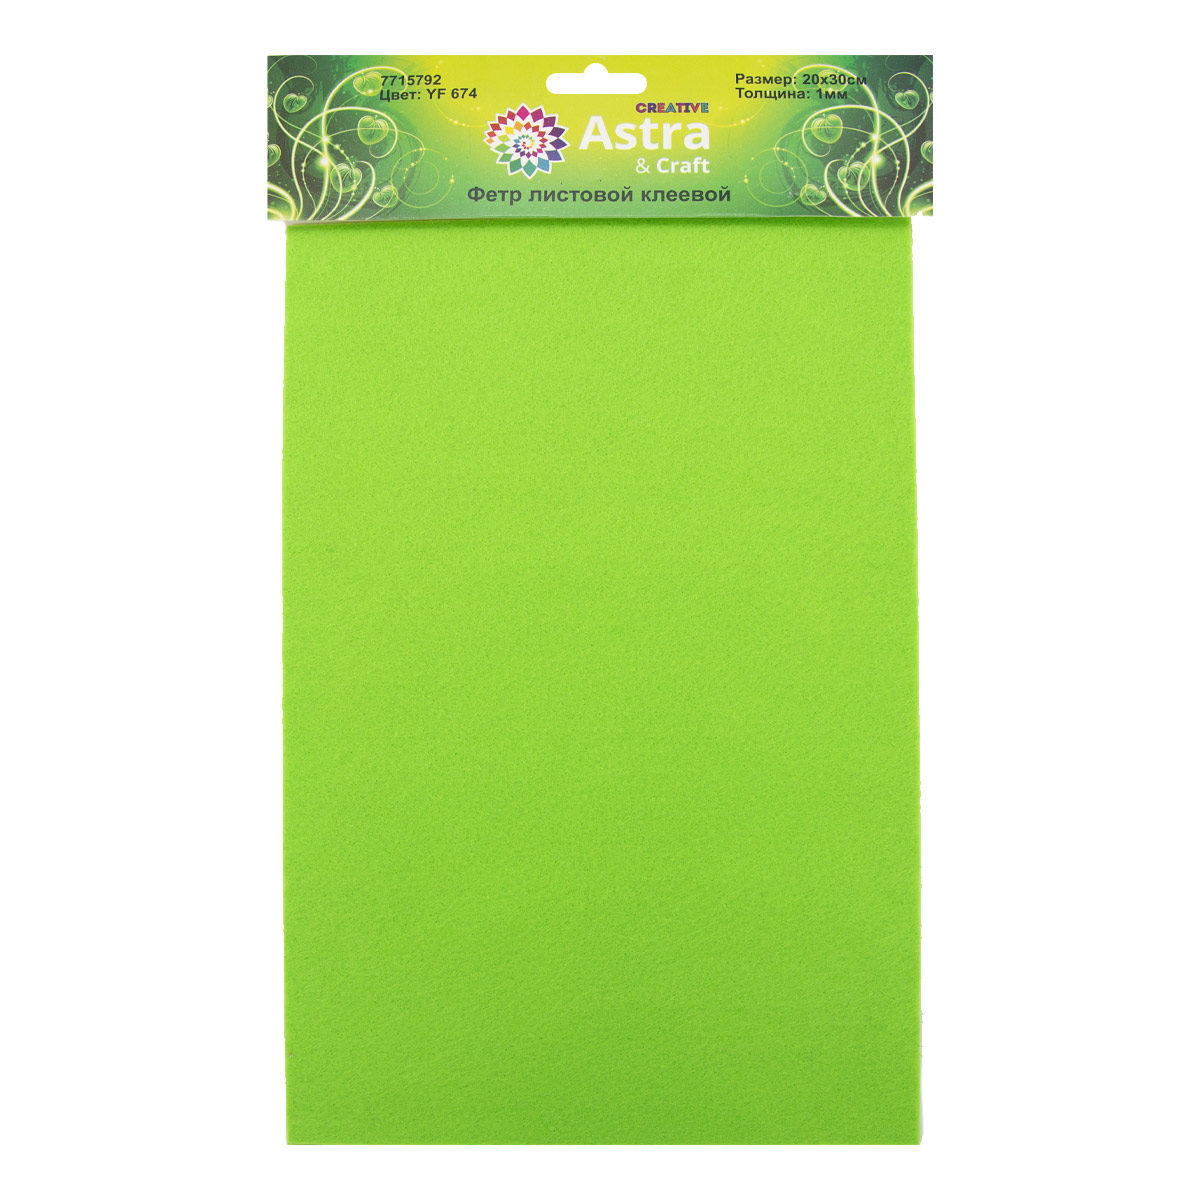 Фетр мягкий листовой клеевой Астра, 1,0мм, 180 гр, 20х30см, 3 шт/упак